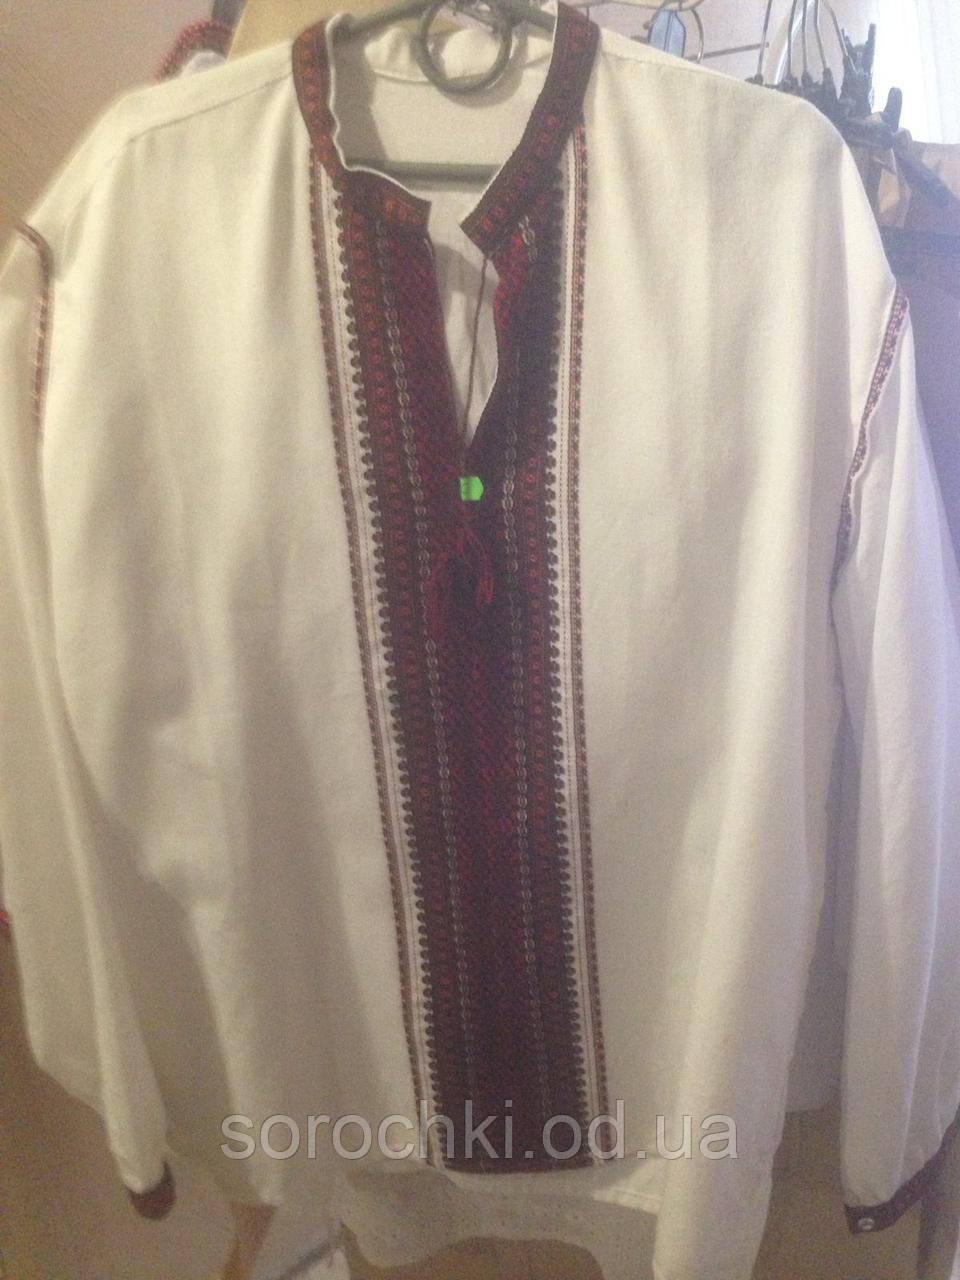 Вышиванка , мужская , белая , длинный рукав , домотканное полотно , ручная работа